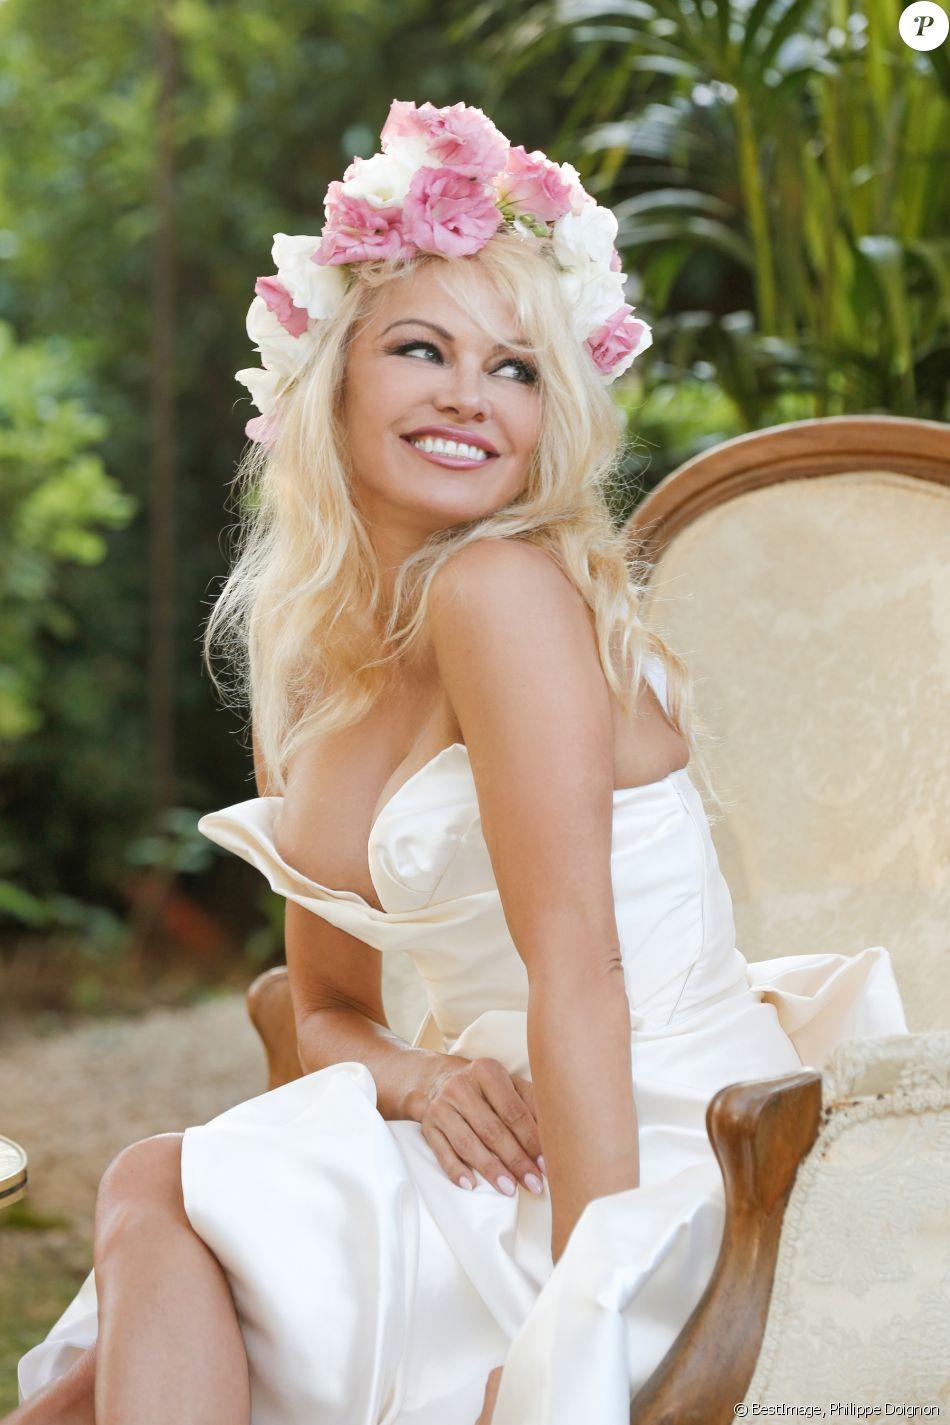 """Exclusif - Pamela Anderson pose lors de l'ouverture de son restaurant vegan éphémère """"La Table du Marché by Pamela"""" à Ramatuelle le 4 juillet 2017. La Table du Marché, c'est son nom, d'une capacité de 250 couverts ouvrira tous les soirs pendant 50 jours dans le cadre privilégié du restaurant du chef Christophe Leroy, les Moulins de Ramatuelle aux environs de Saint-Tropez. Celui-ci a prêté à Pamela Anderson son auberge de campagne et décline pour elle les thèmes """"végan, romantique, dolce vita et féministe"""". © Philippe Doignon/Bestimage"""